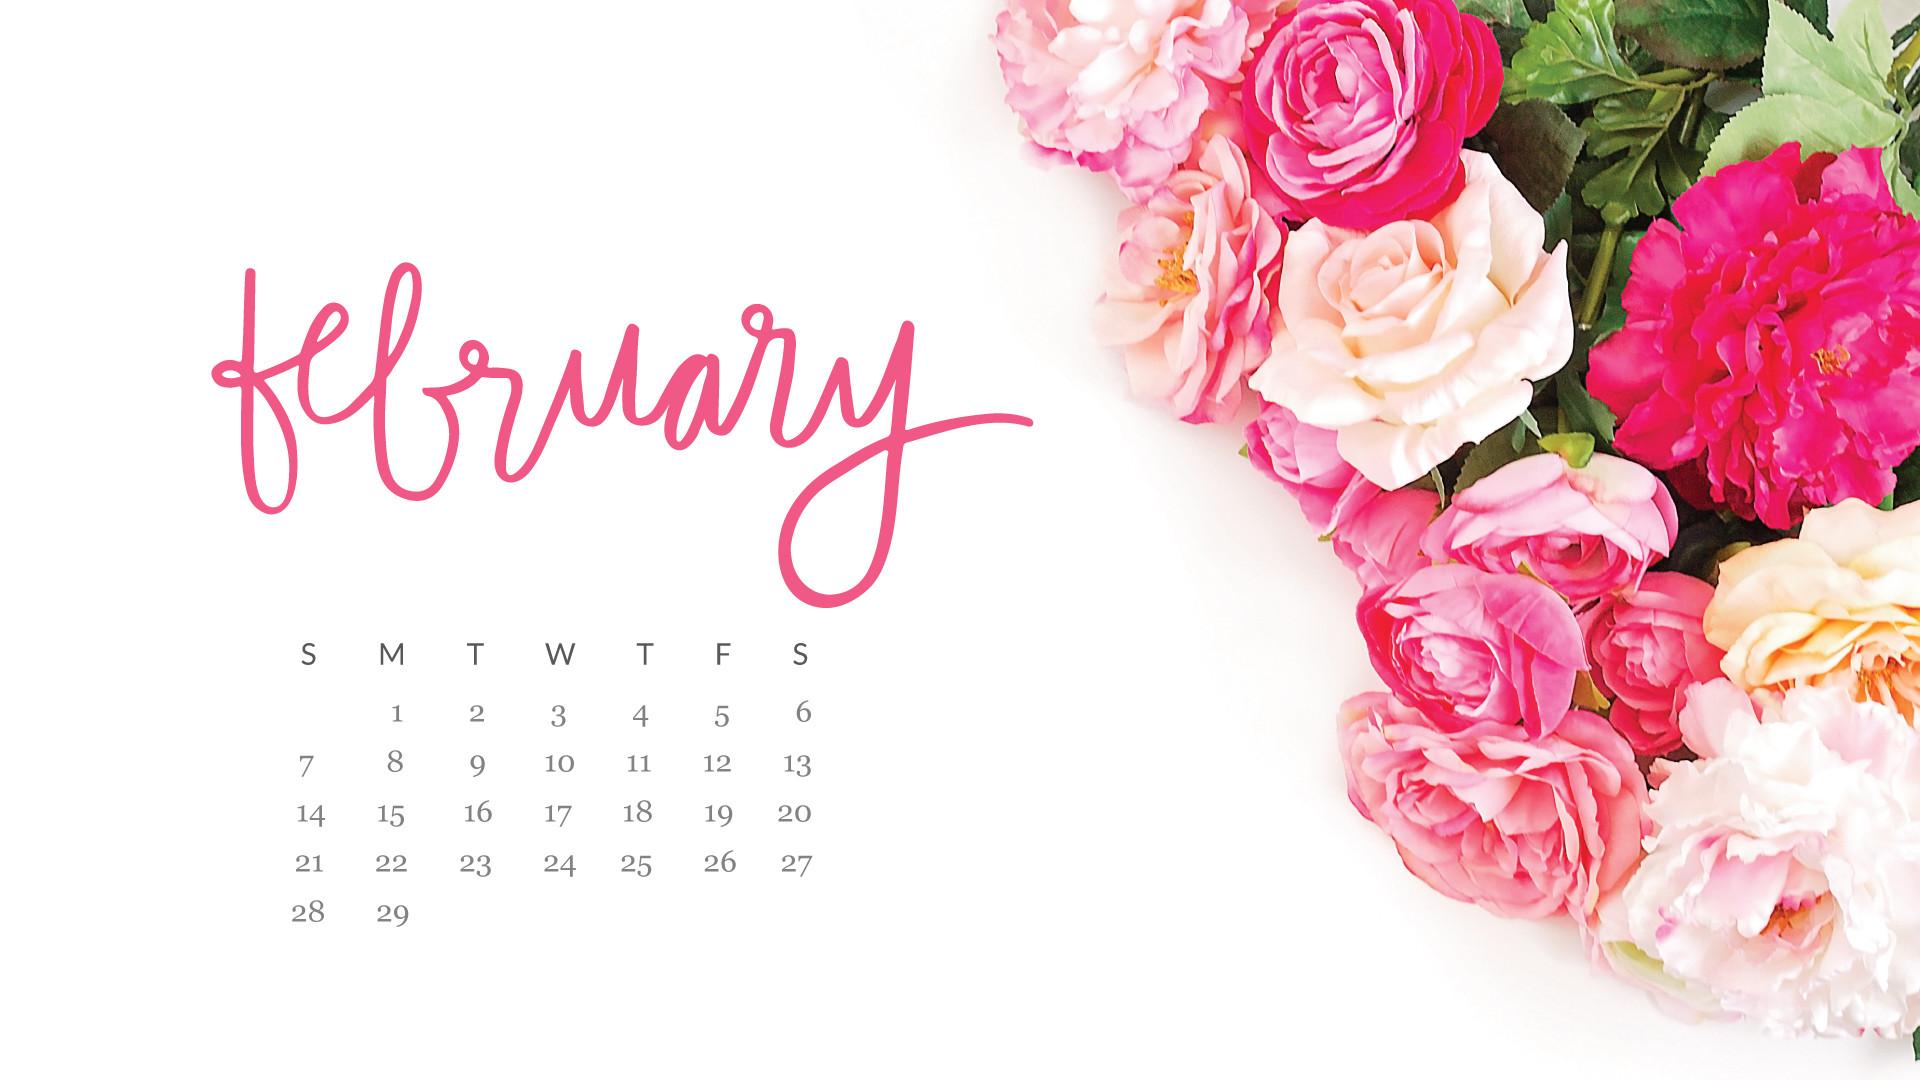 … february desktop wallpapers hd pixelstalk net …